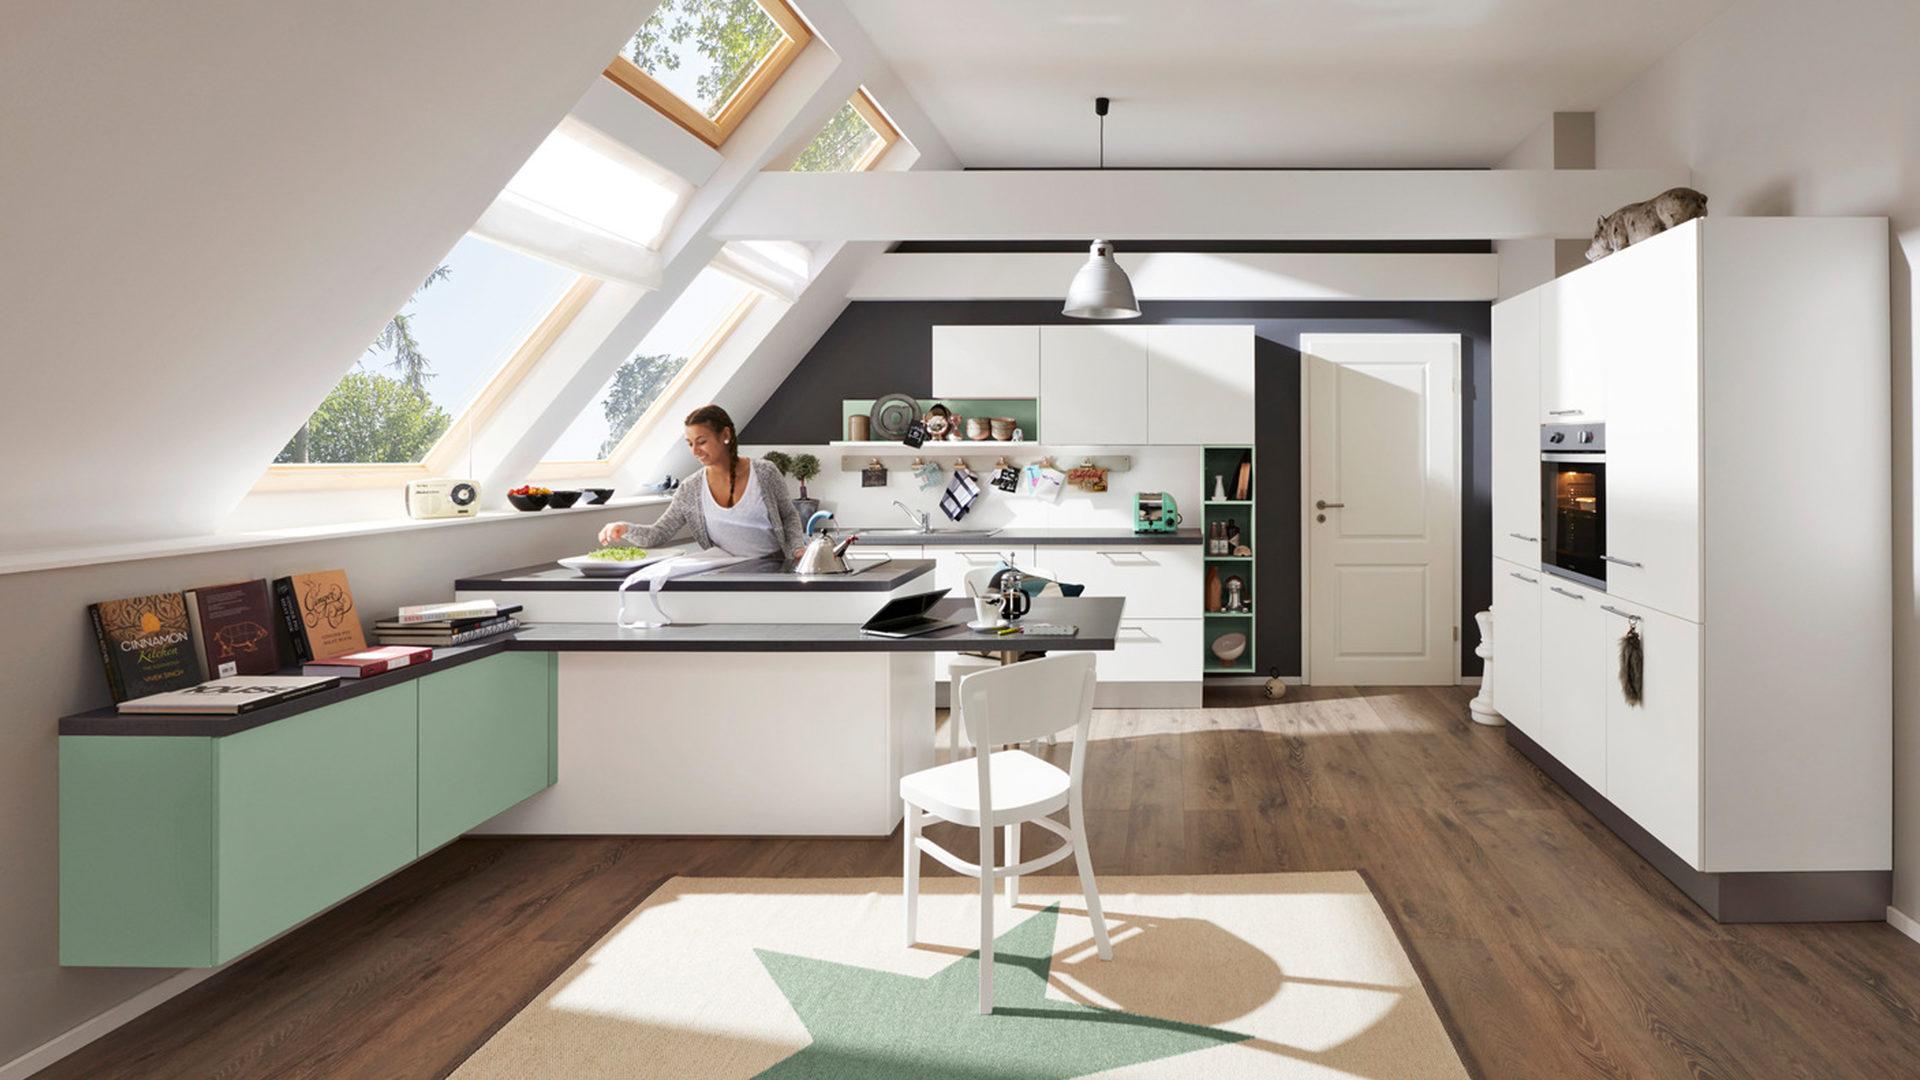 Möbelland Hochtaunus Bad Homburg bei Frankfurt | Räume | Küche ...